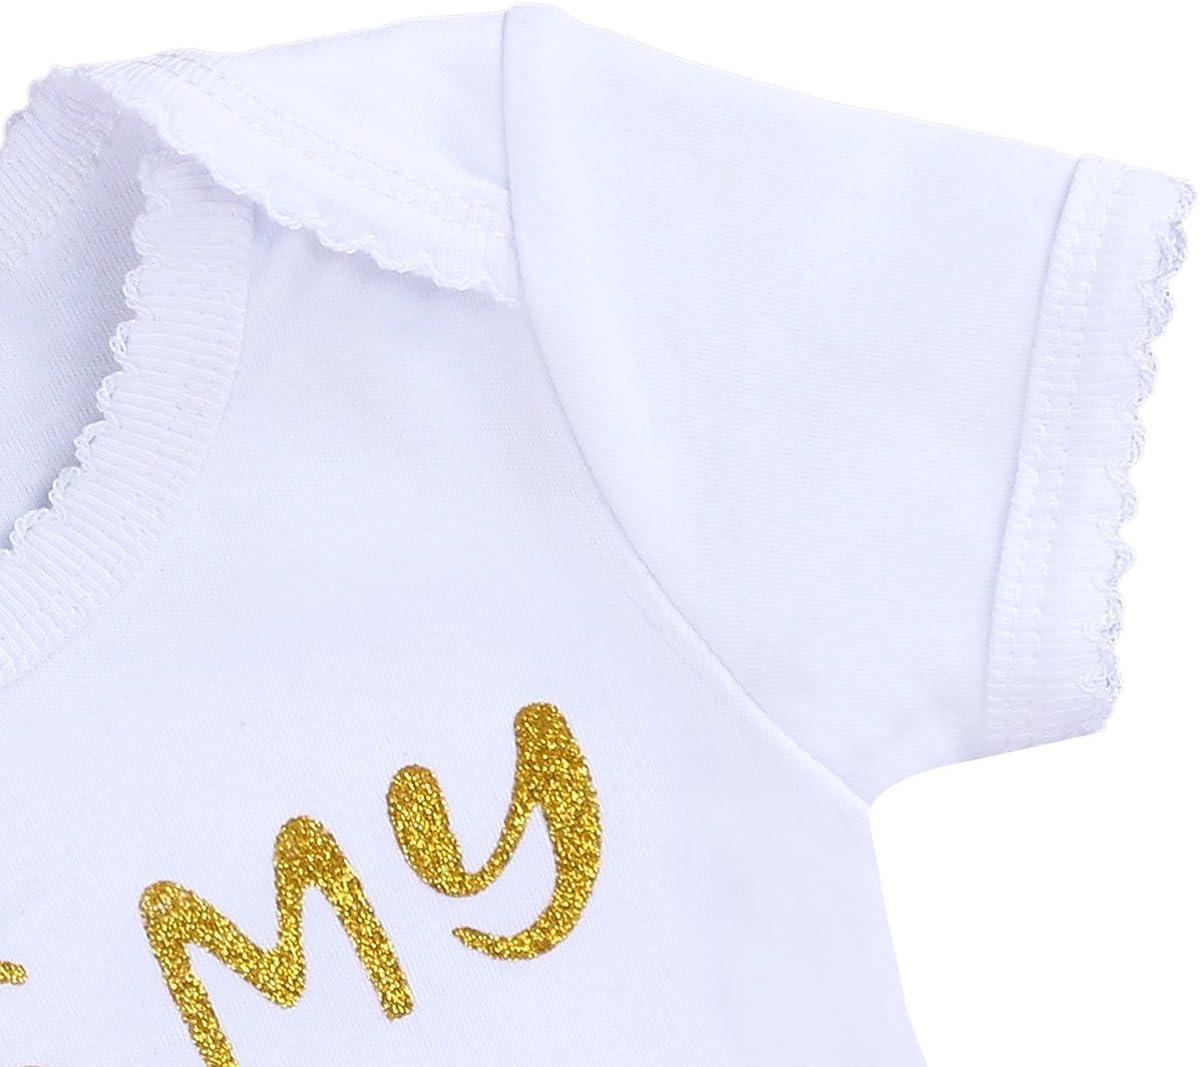 FYMNSI Kleinkinder Baby M/ädchen 1 1//2 2 Geburtstag Party Outfit Prinzessin Kleid Baumwolle Kurzarm Strampler T/üll T/üt/ü Rock Pailletten Stirnband Beinw/ärmer Set 4tlg Fotoshooting Kost/üm Geschenk